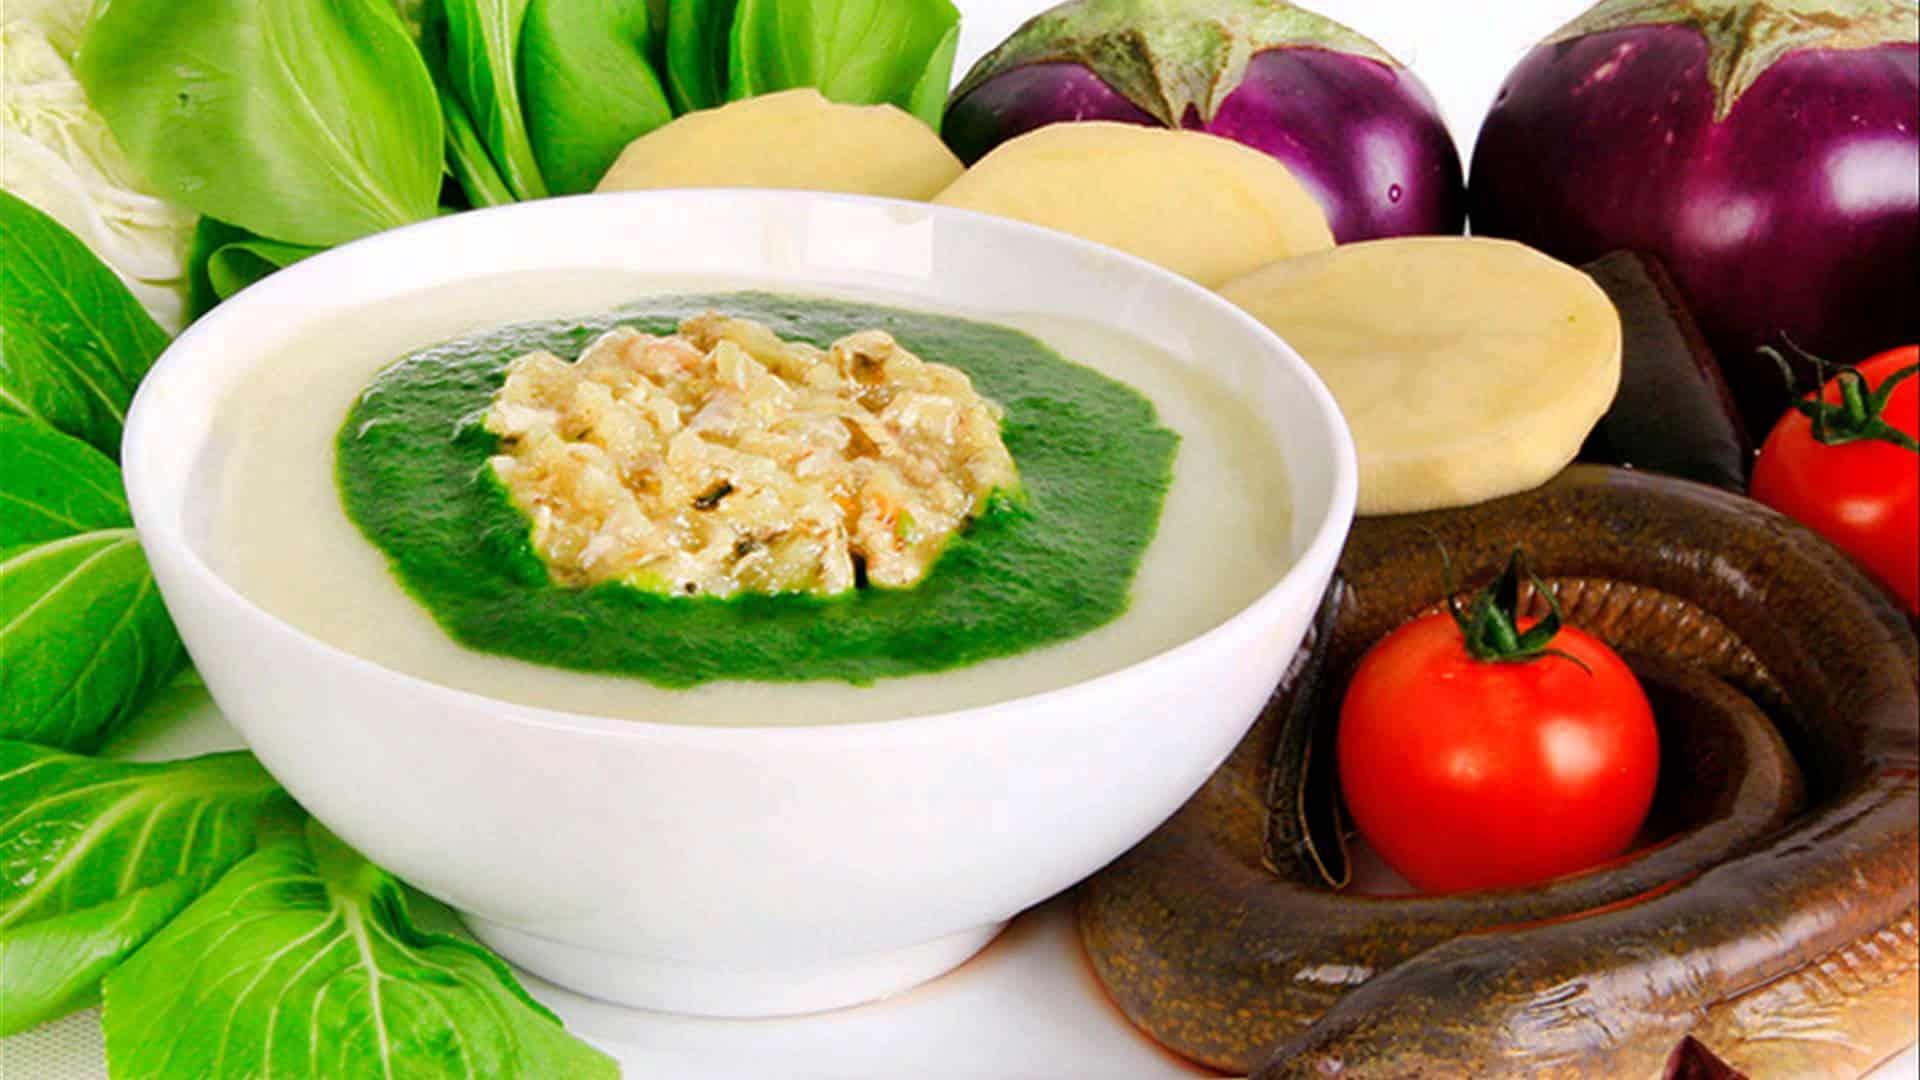 5+Cách nấu cháo dinh dưỡng cho người già chị em nội trợ cần biết